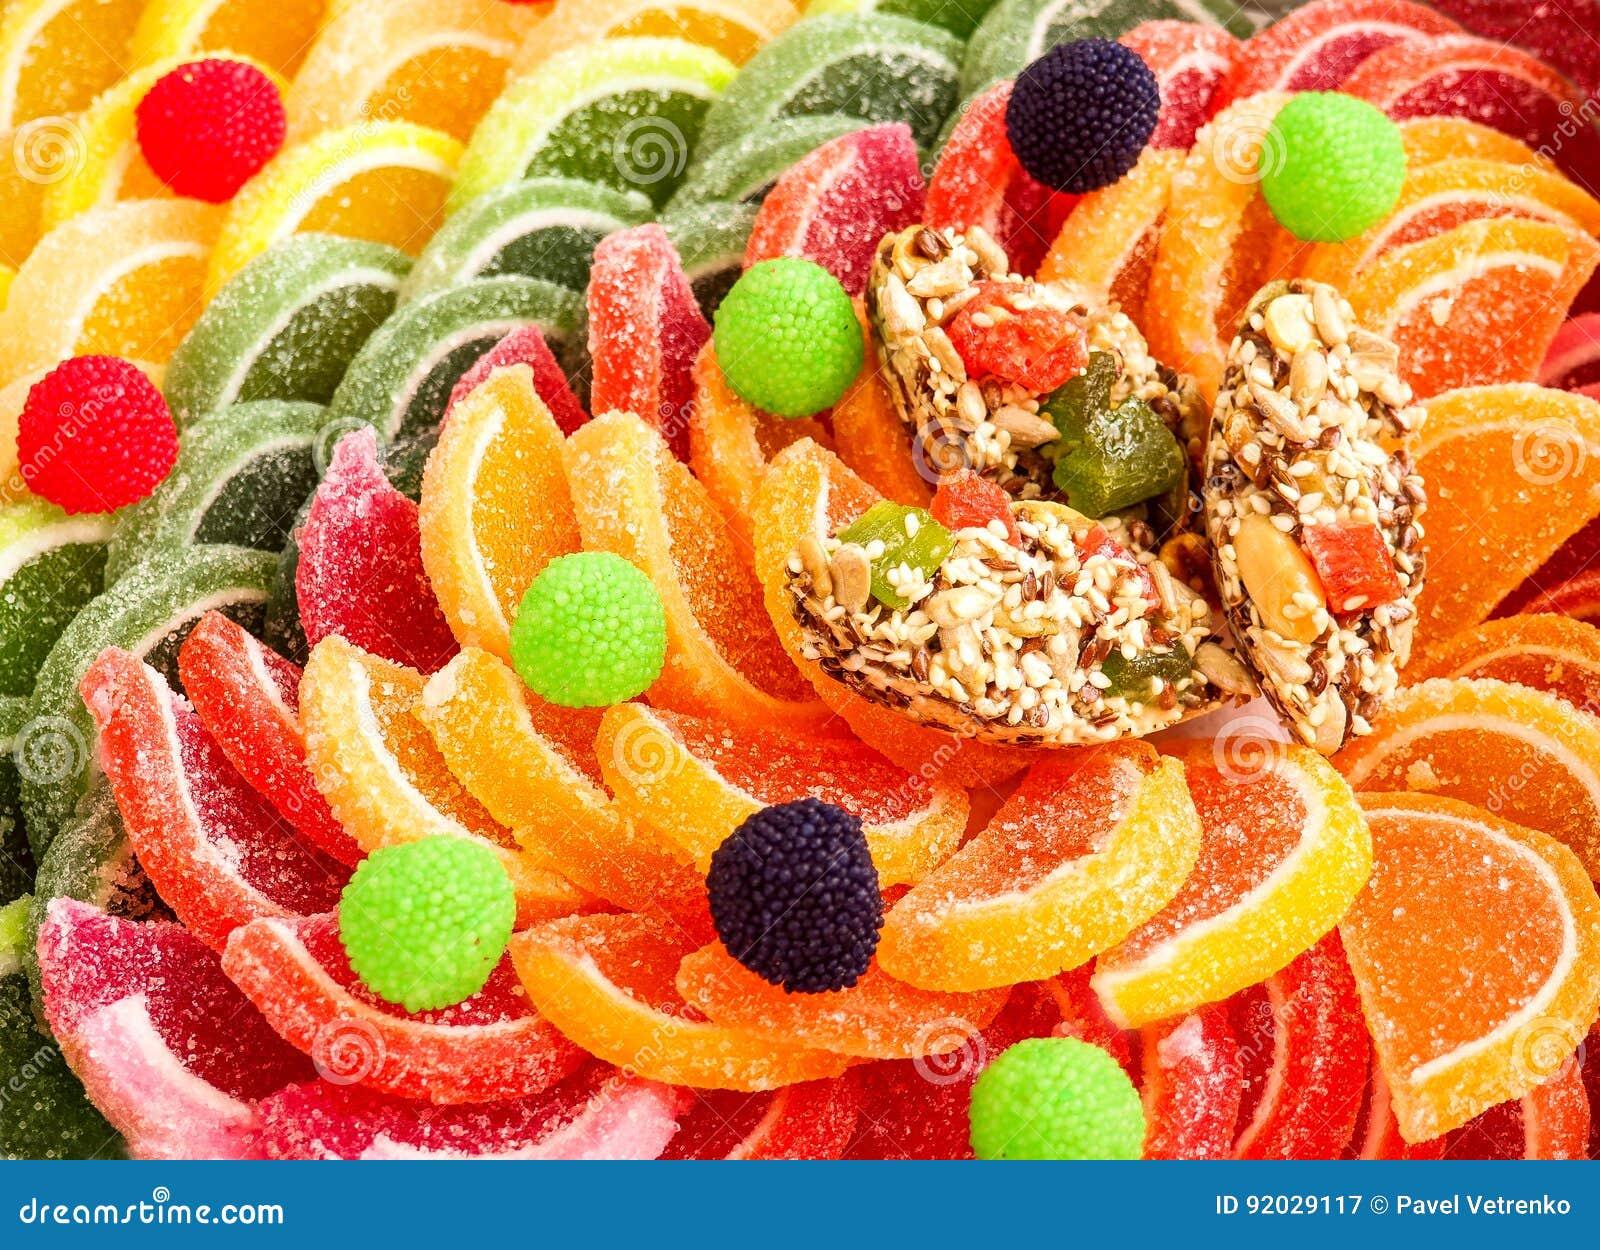 甜点橘子果酱糖果明胶果冻